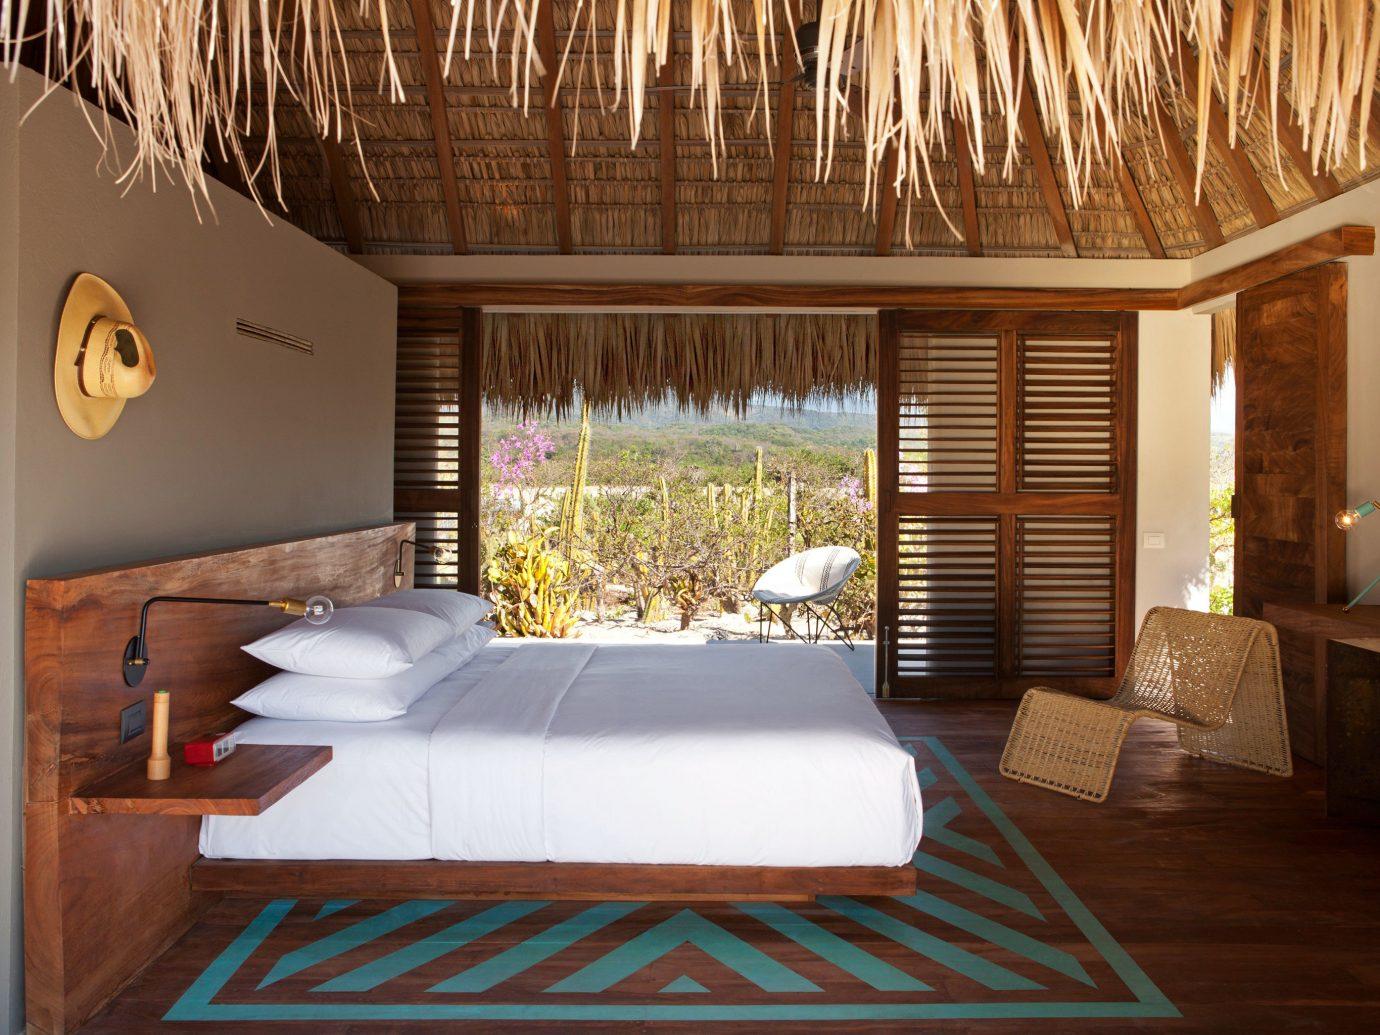 Bedroom at Hotel Escondido, Puerto Escondido, Mexico